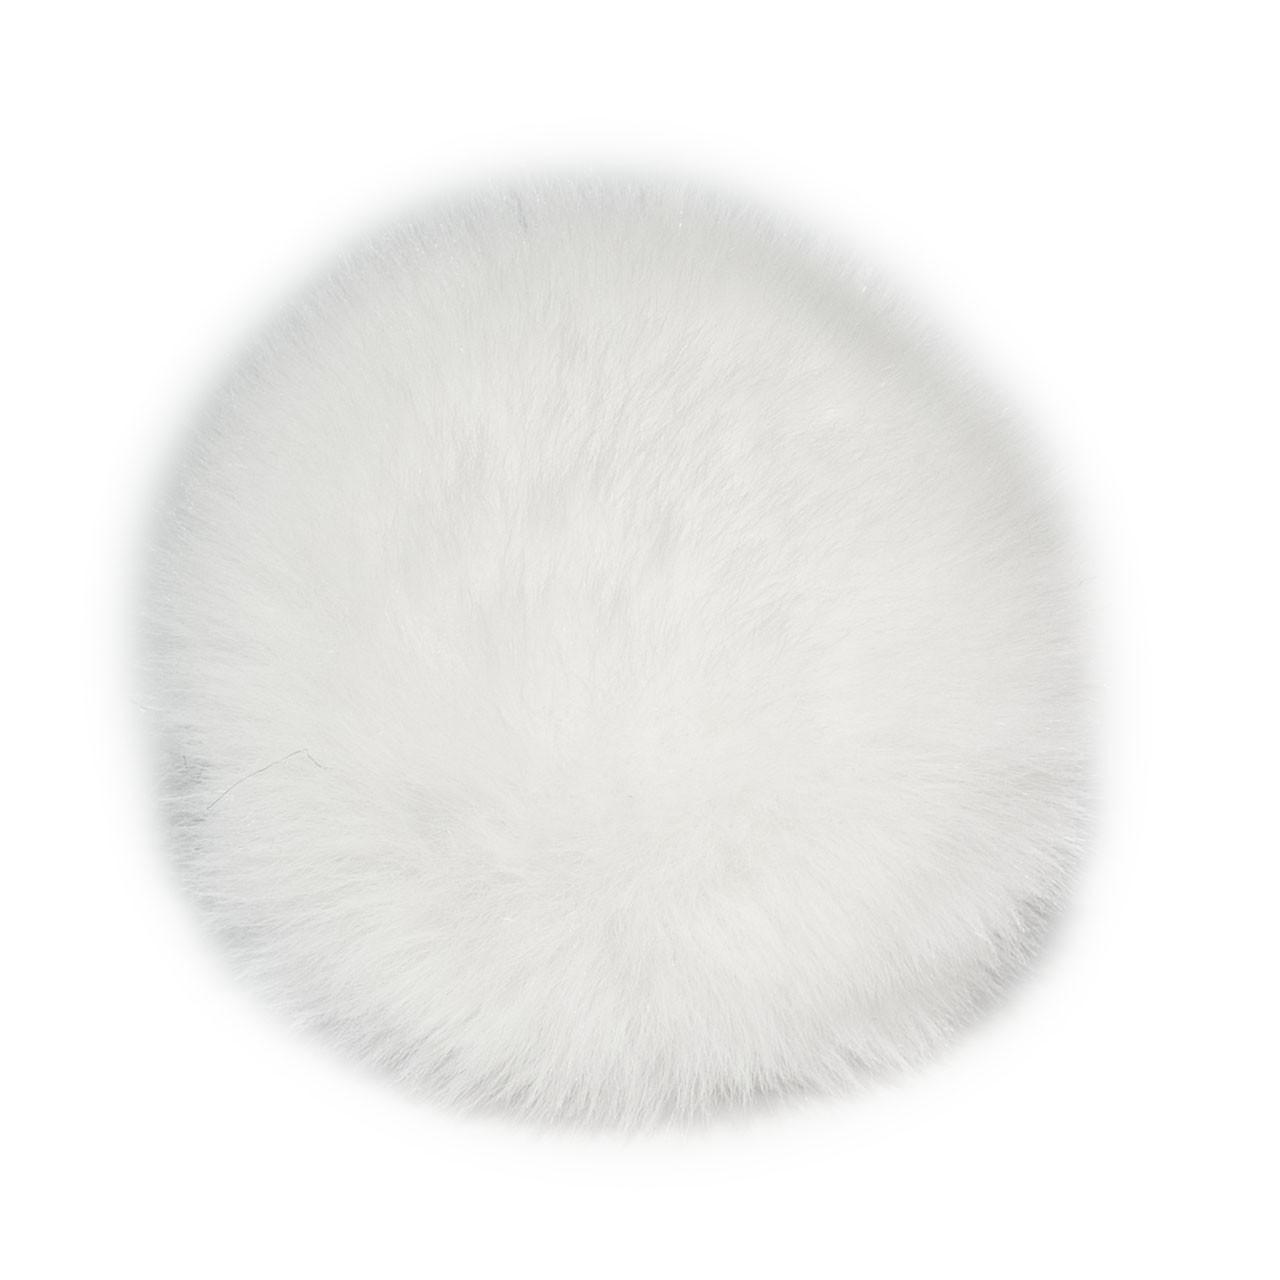 Помпон меховой 8 см, Белый